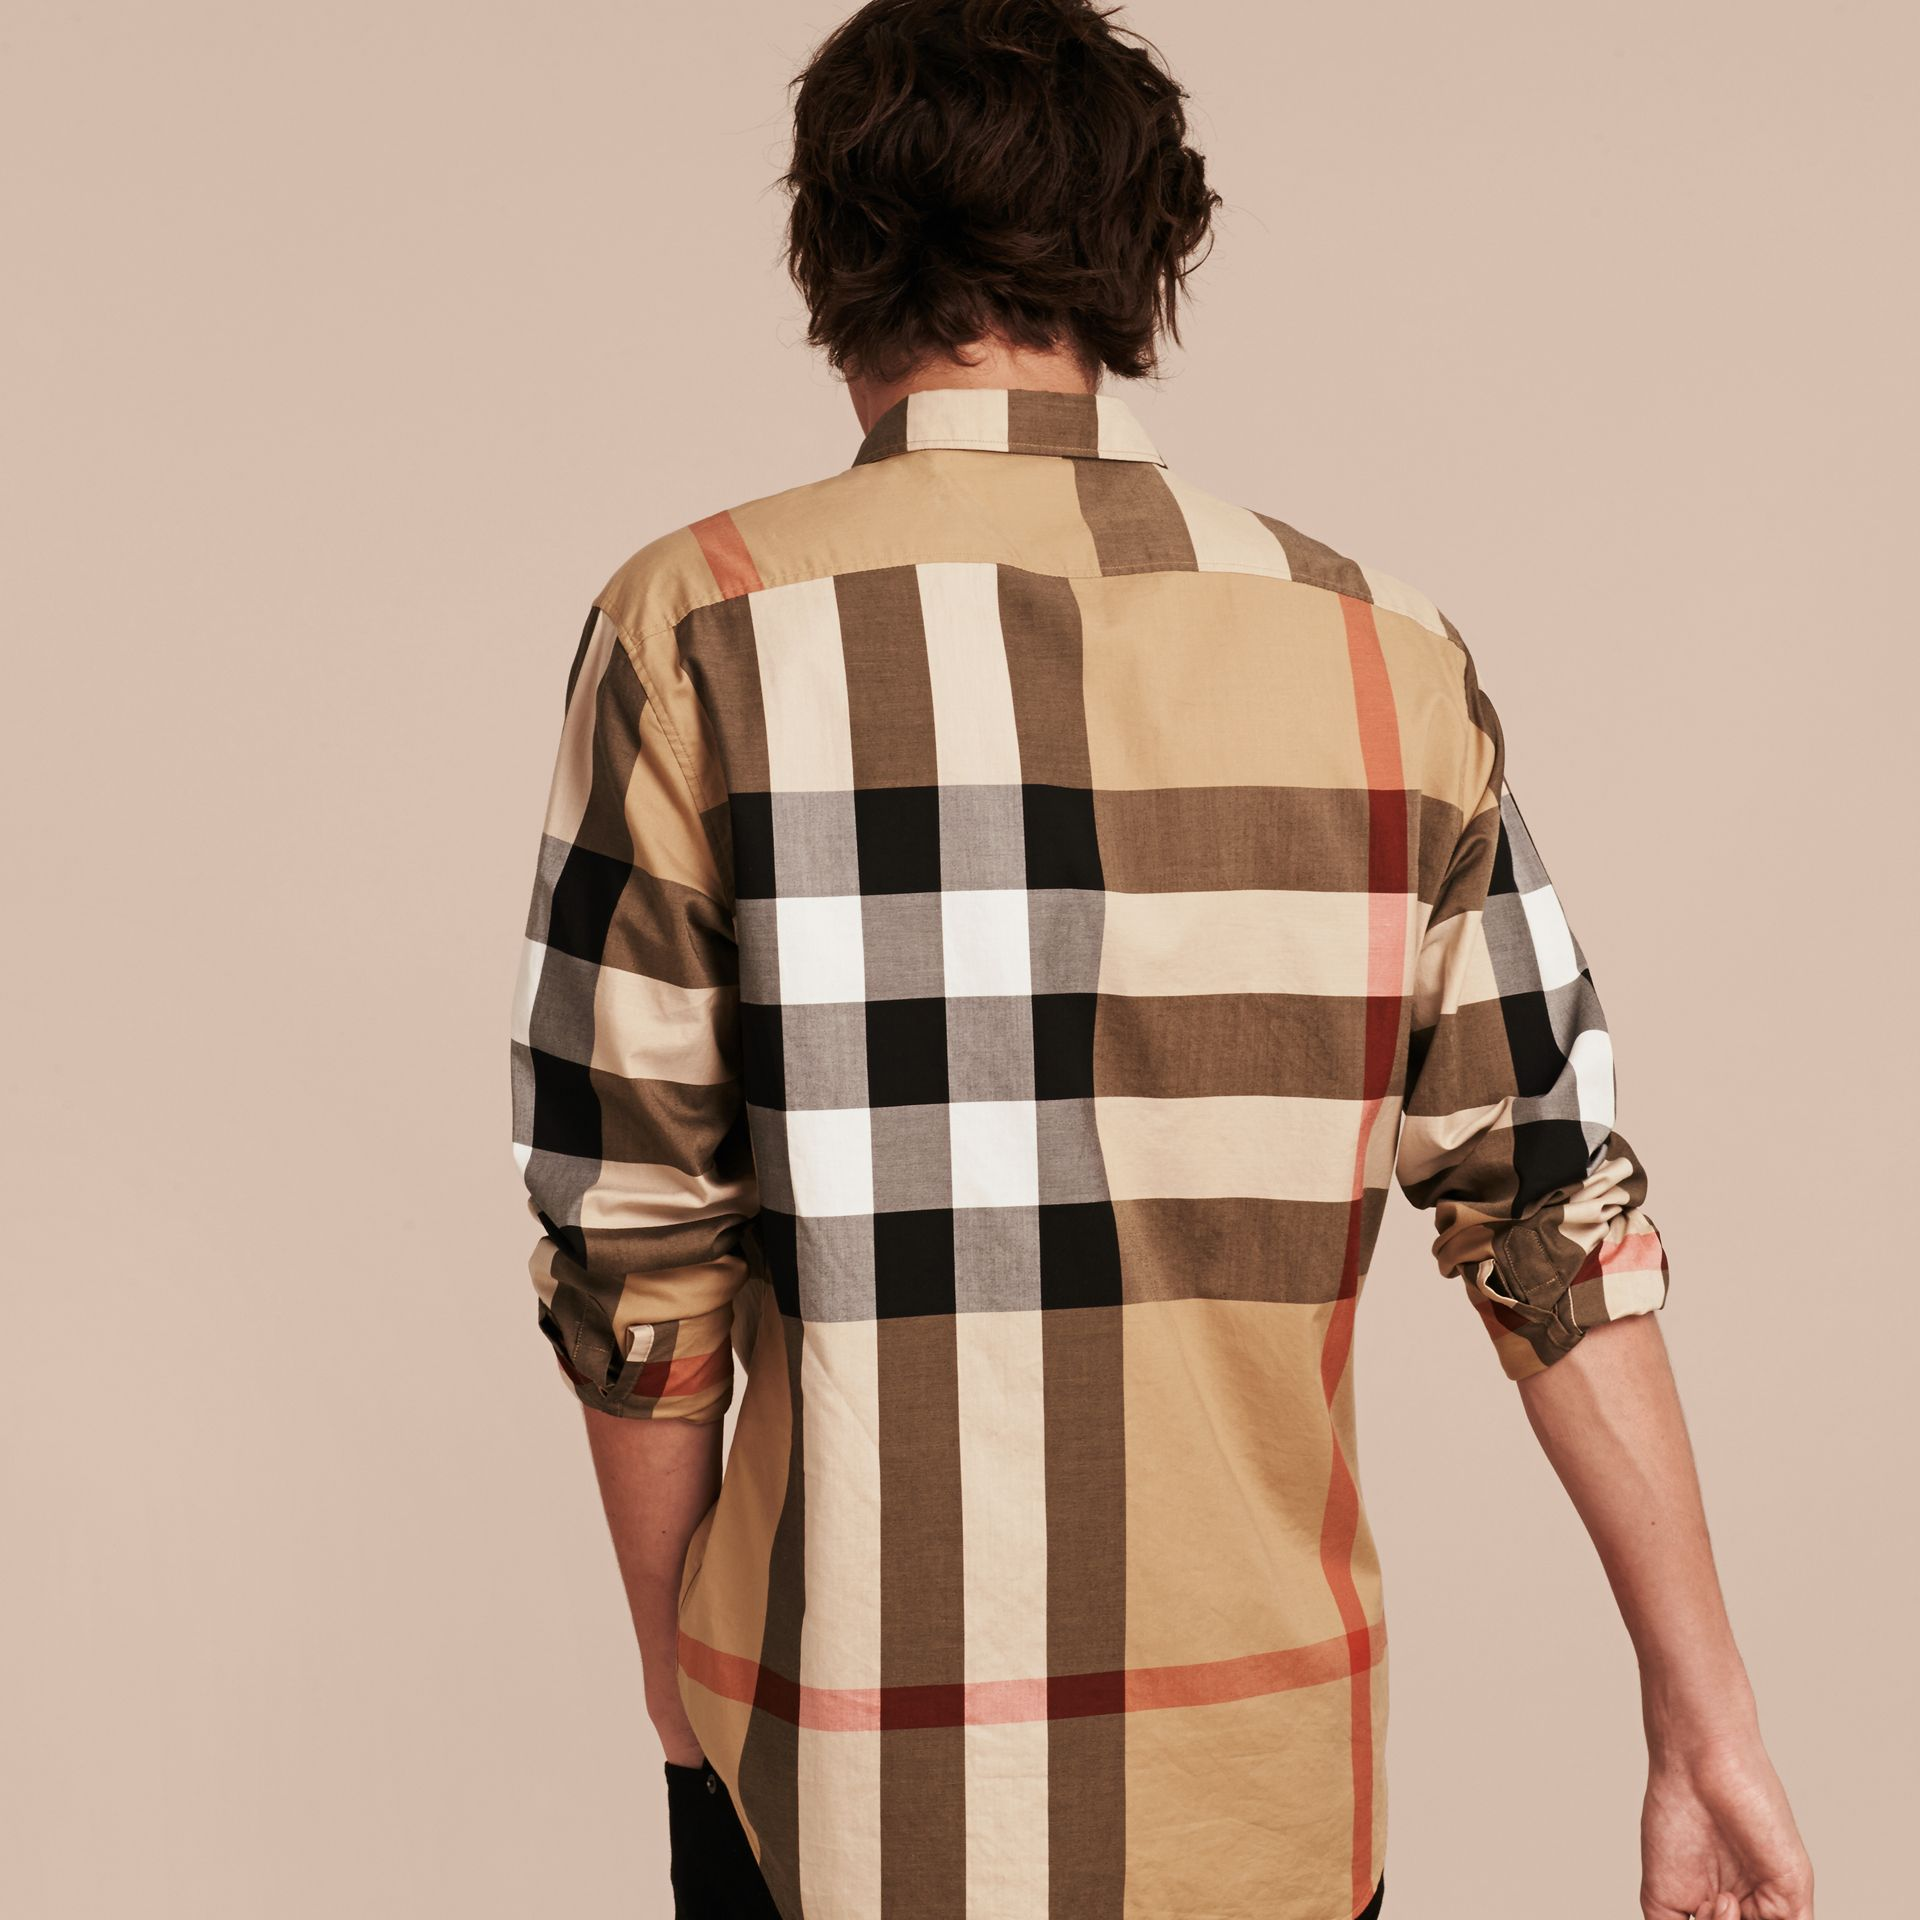 キャメル チェック・コットンシャツ キャメル - ギャラリーイメージ 3